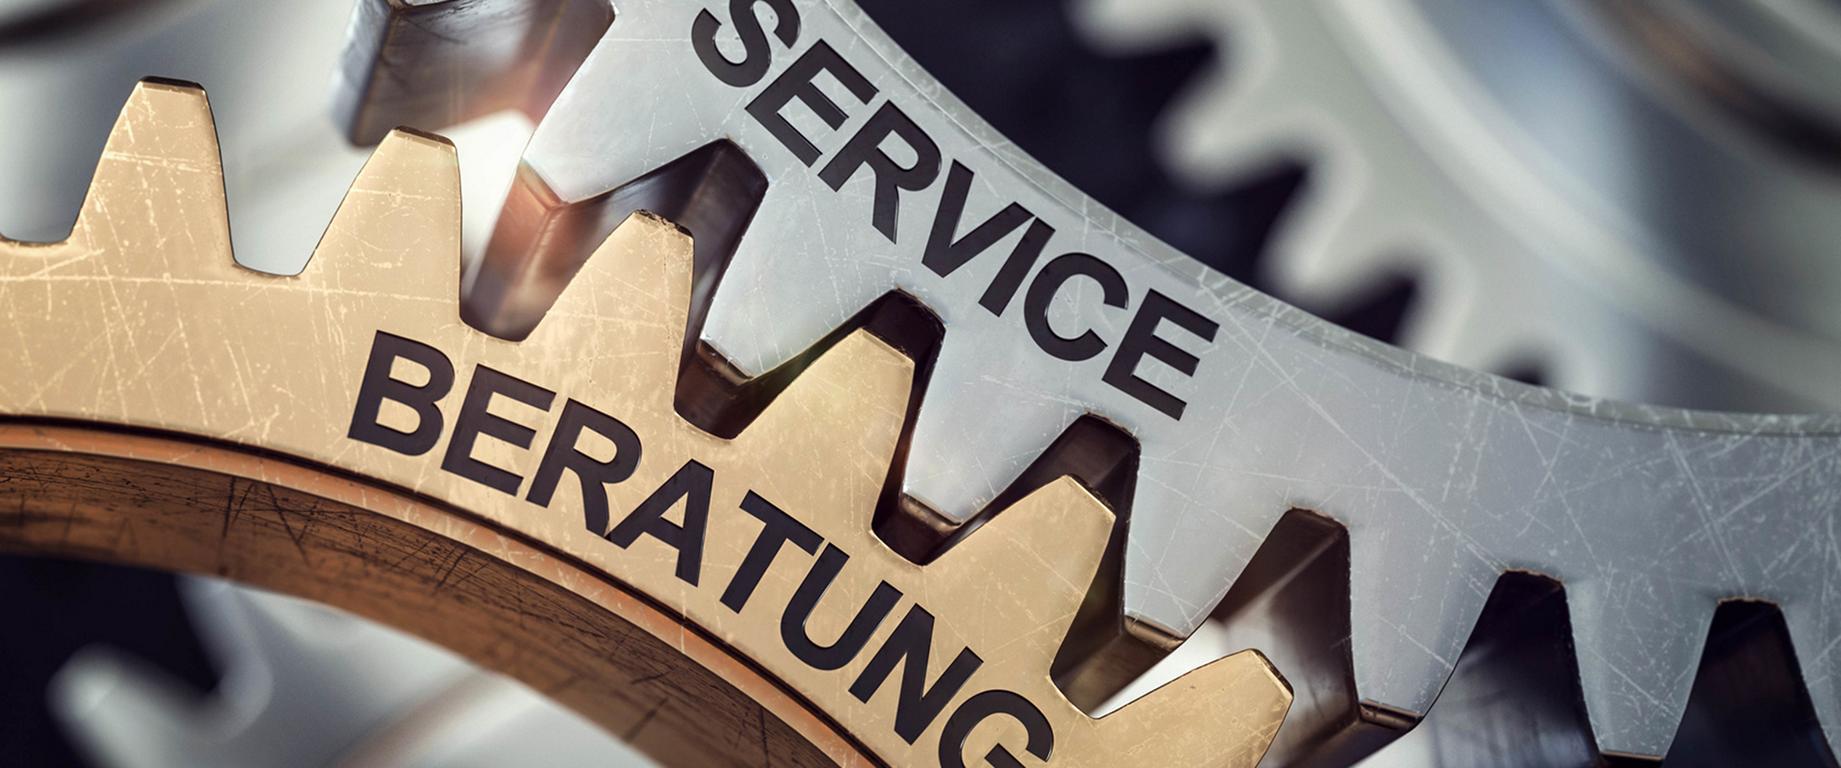 Unsere Serviceleistungen